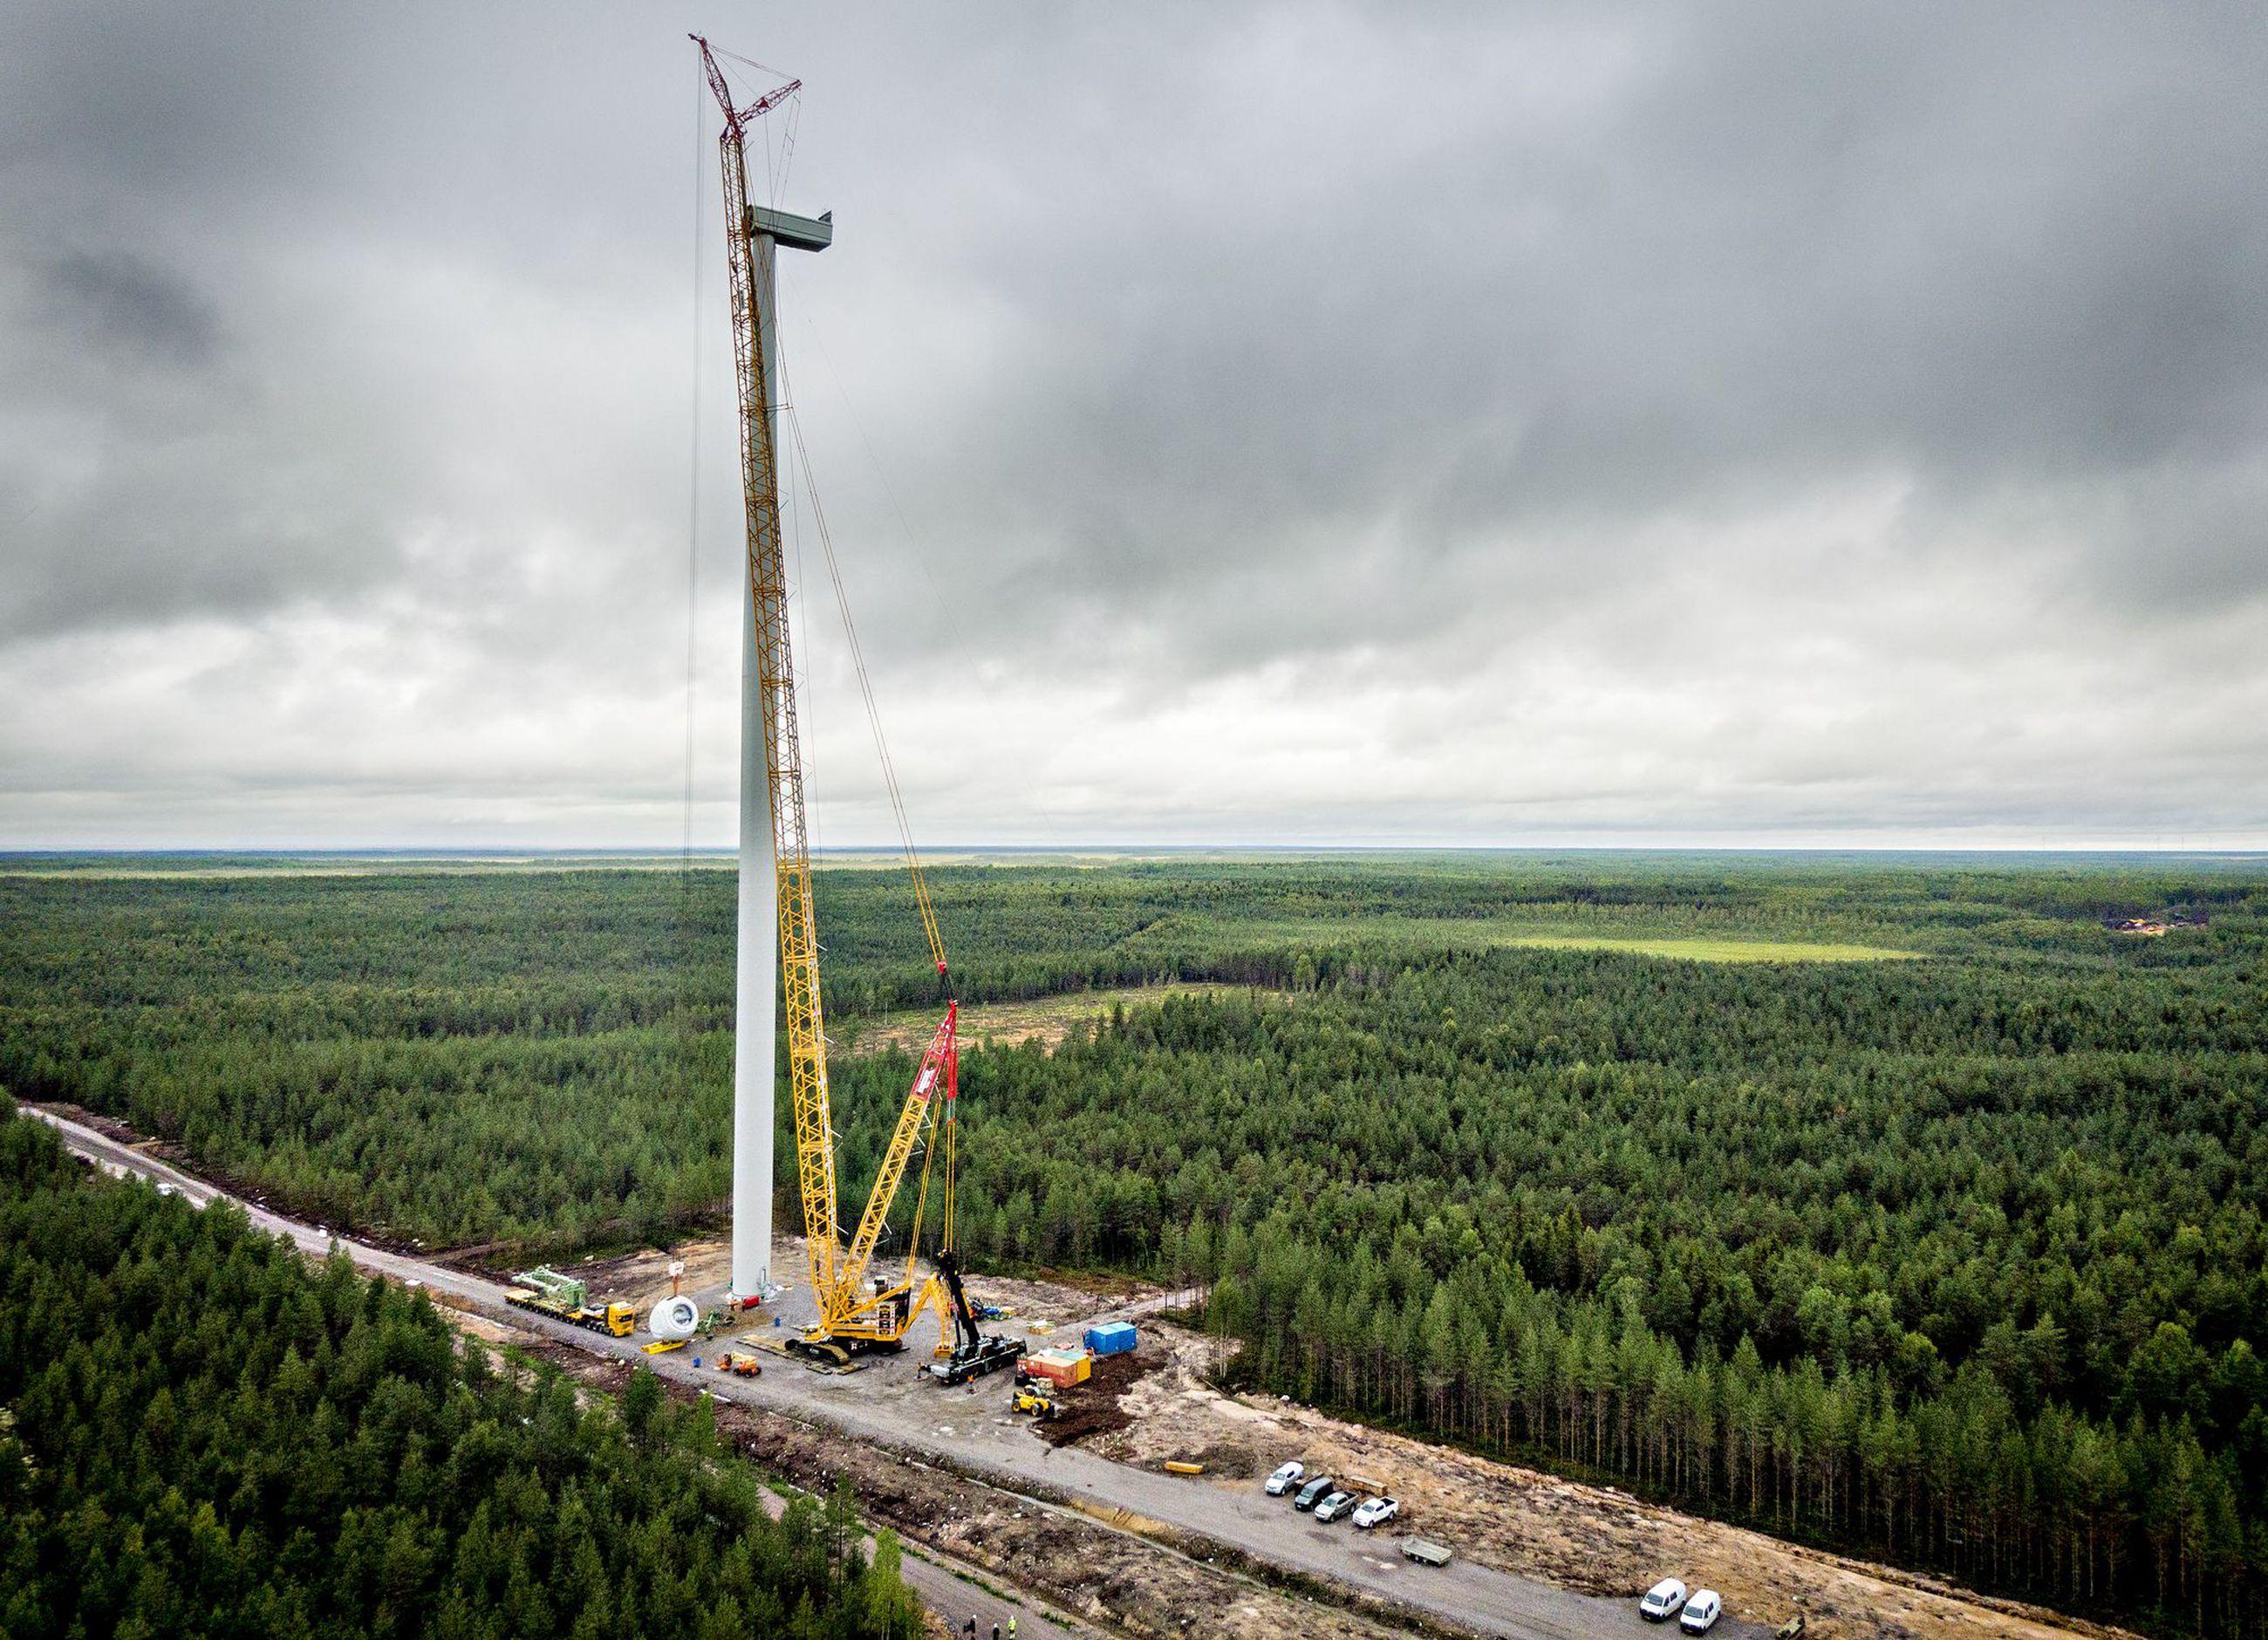 Roottorin napaa nostettiin Limingassa 155 metriä korkean tuulivoimalan huipulle. Hirvinevan neljä tuulivoimalaa valmistuvat syksyn aikana.